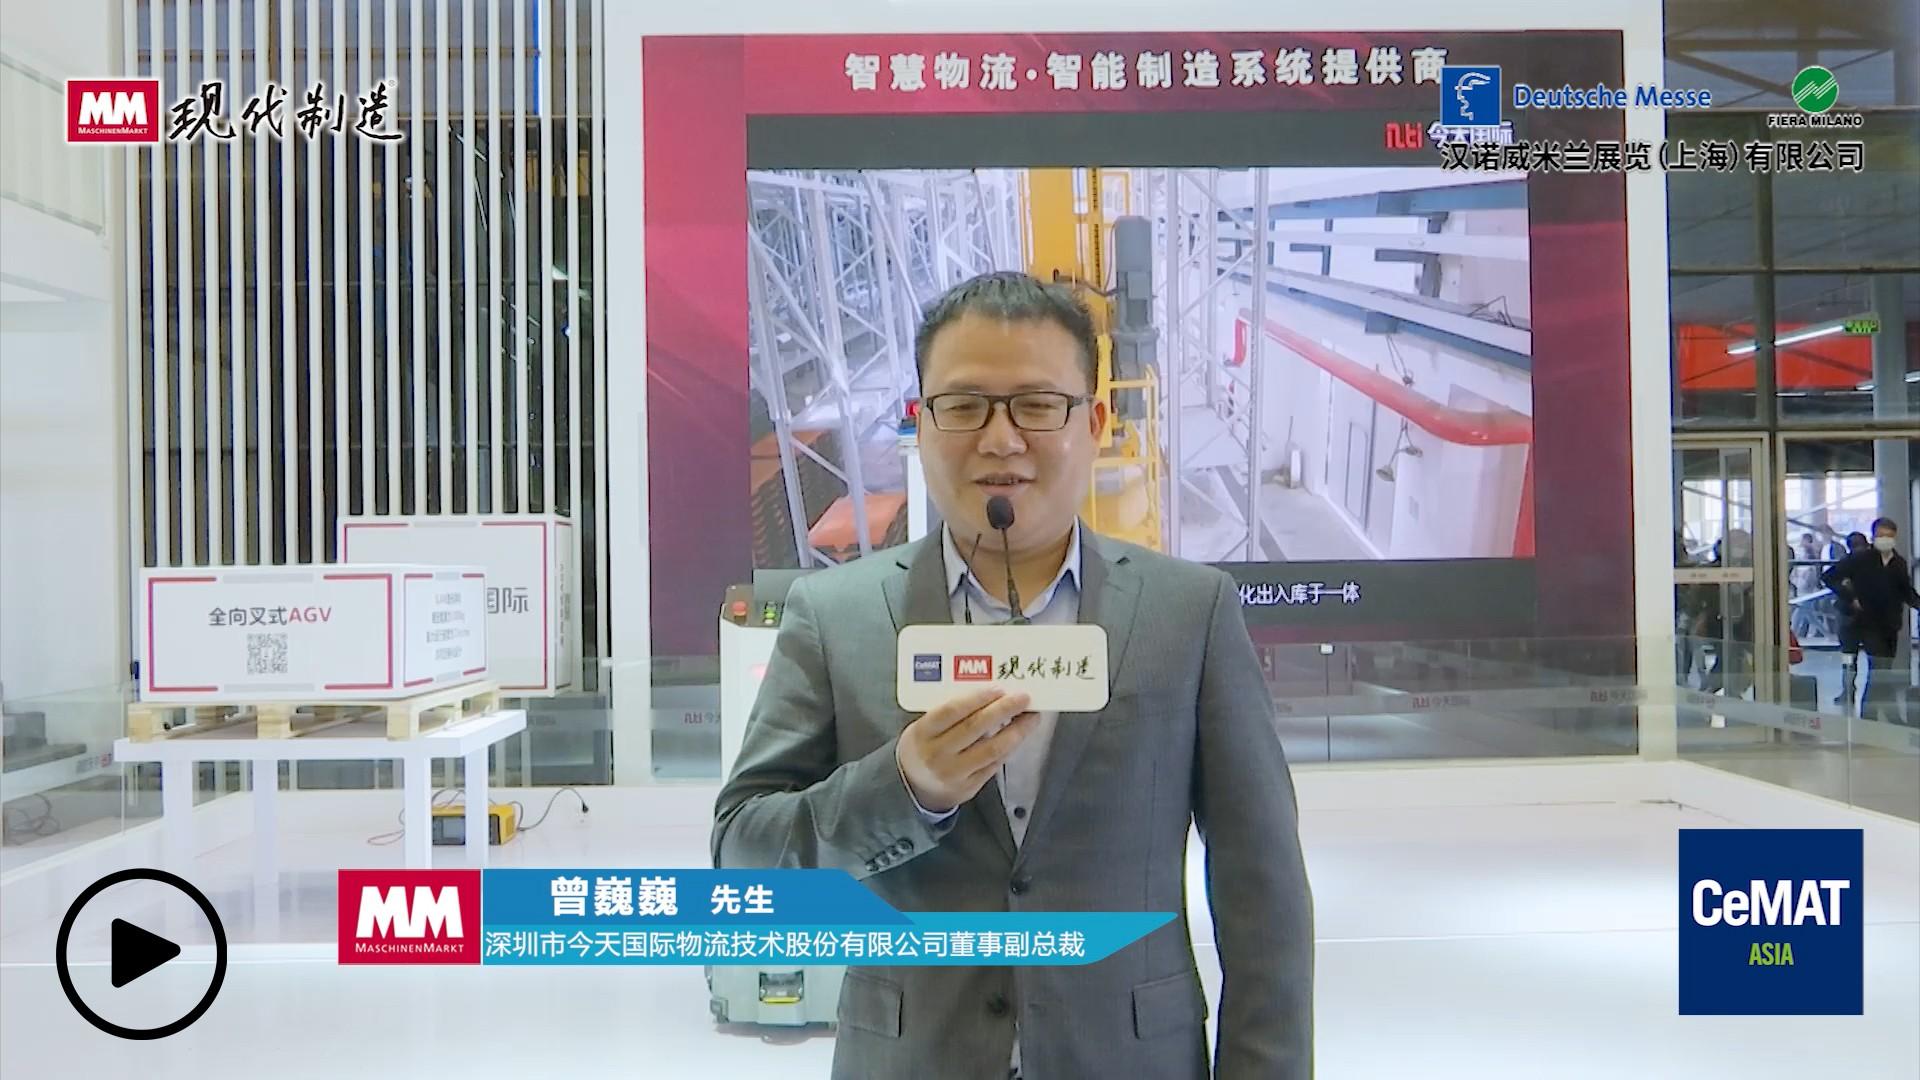 深圳市今天国际物流技术股份有限公司 - 董事副总裁 - 曾巍巍